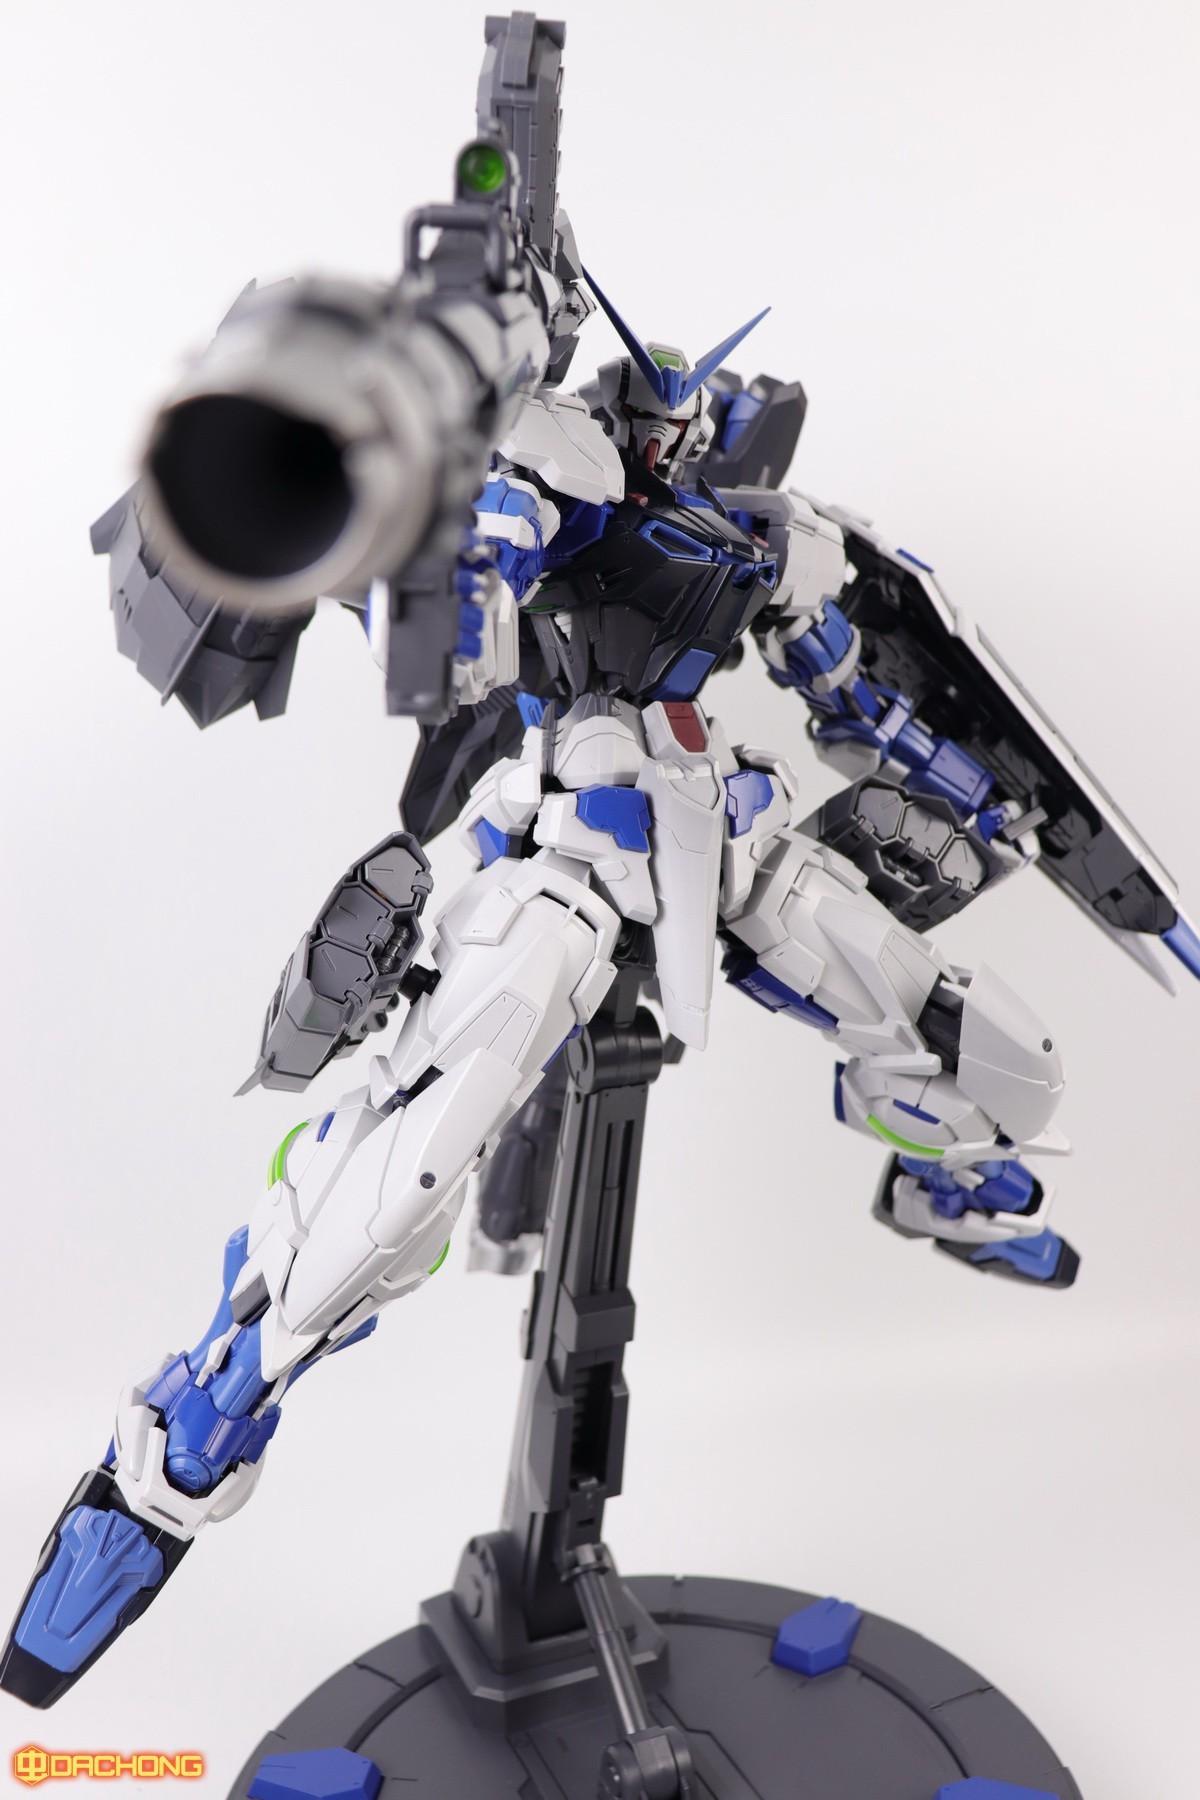 S306_blue_frame_astray_60_089.jpg